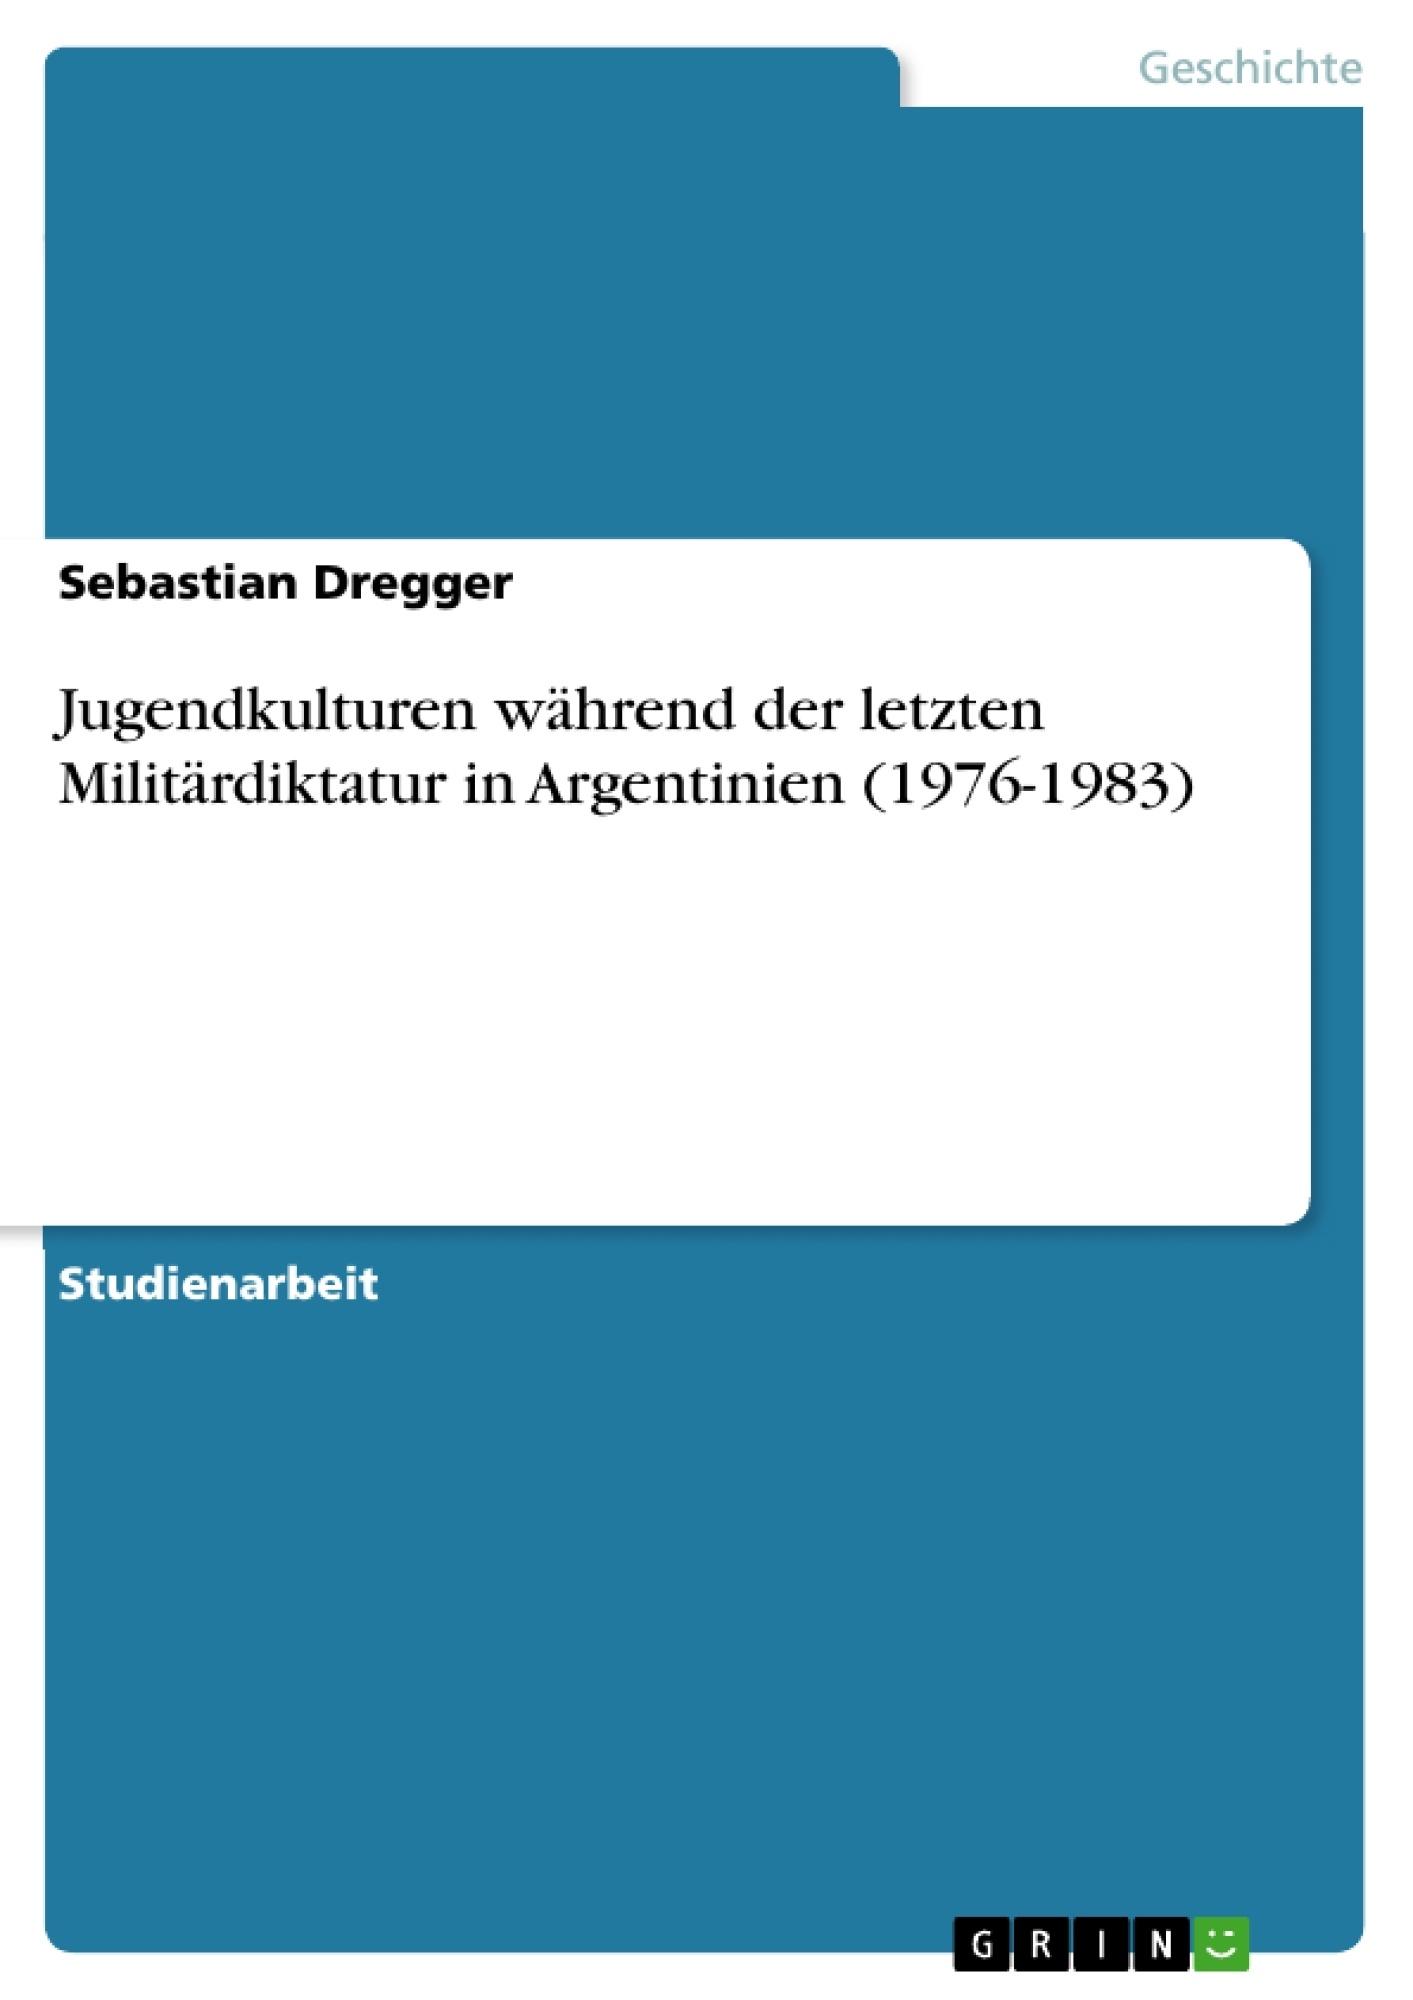 Titel: Jugendkulturen während der letzten Militärdiktatur in Argentinien (1976-1983)